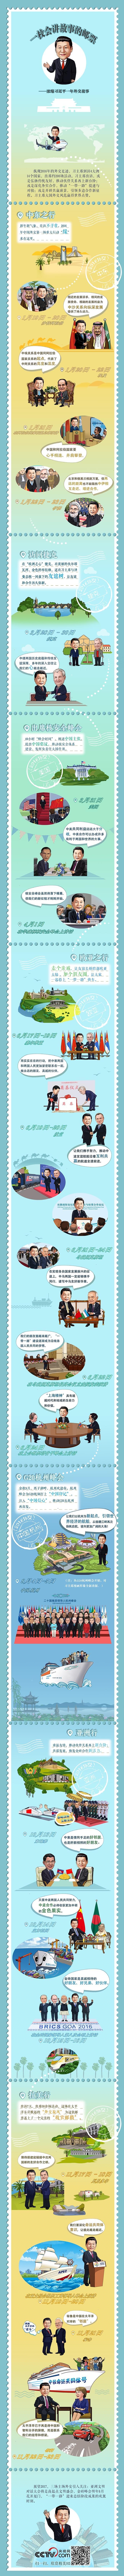 厉害了这枚邮票!浓缩习主席2016年外交故事